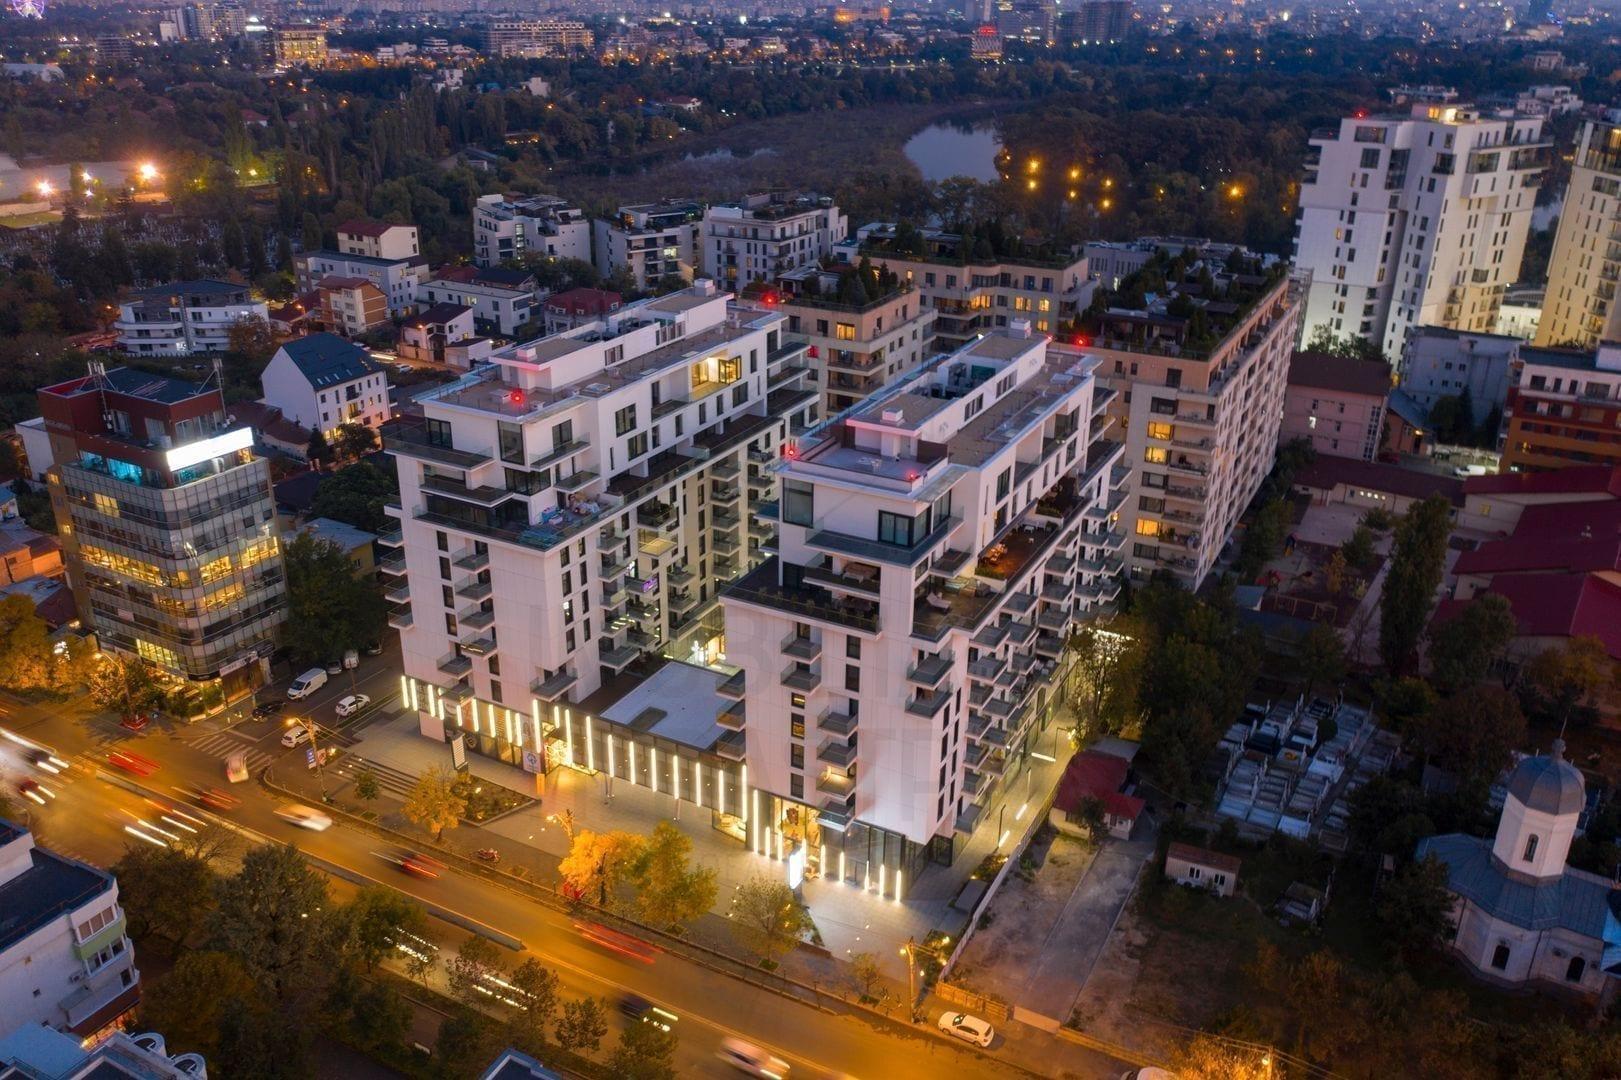 view 2 - Cât costă apartamentele cu cele mai frumoase priveliști din Capitală